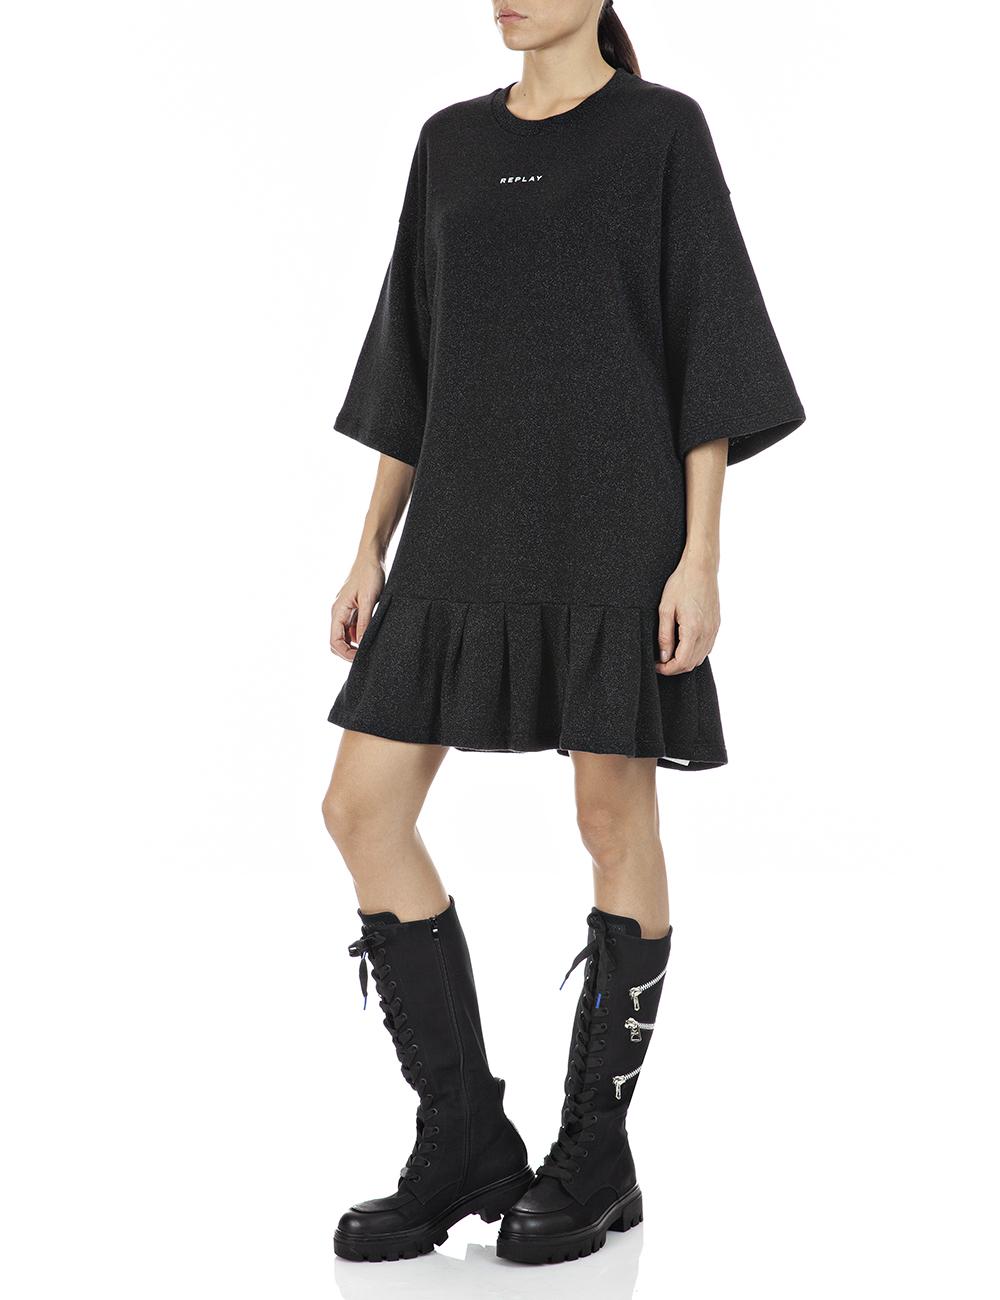 REPLAY | Black Lurex lurex fleece Dress